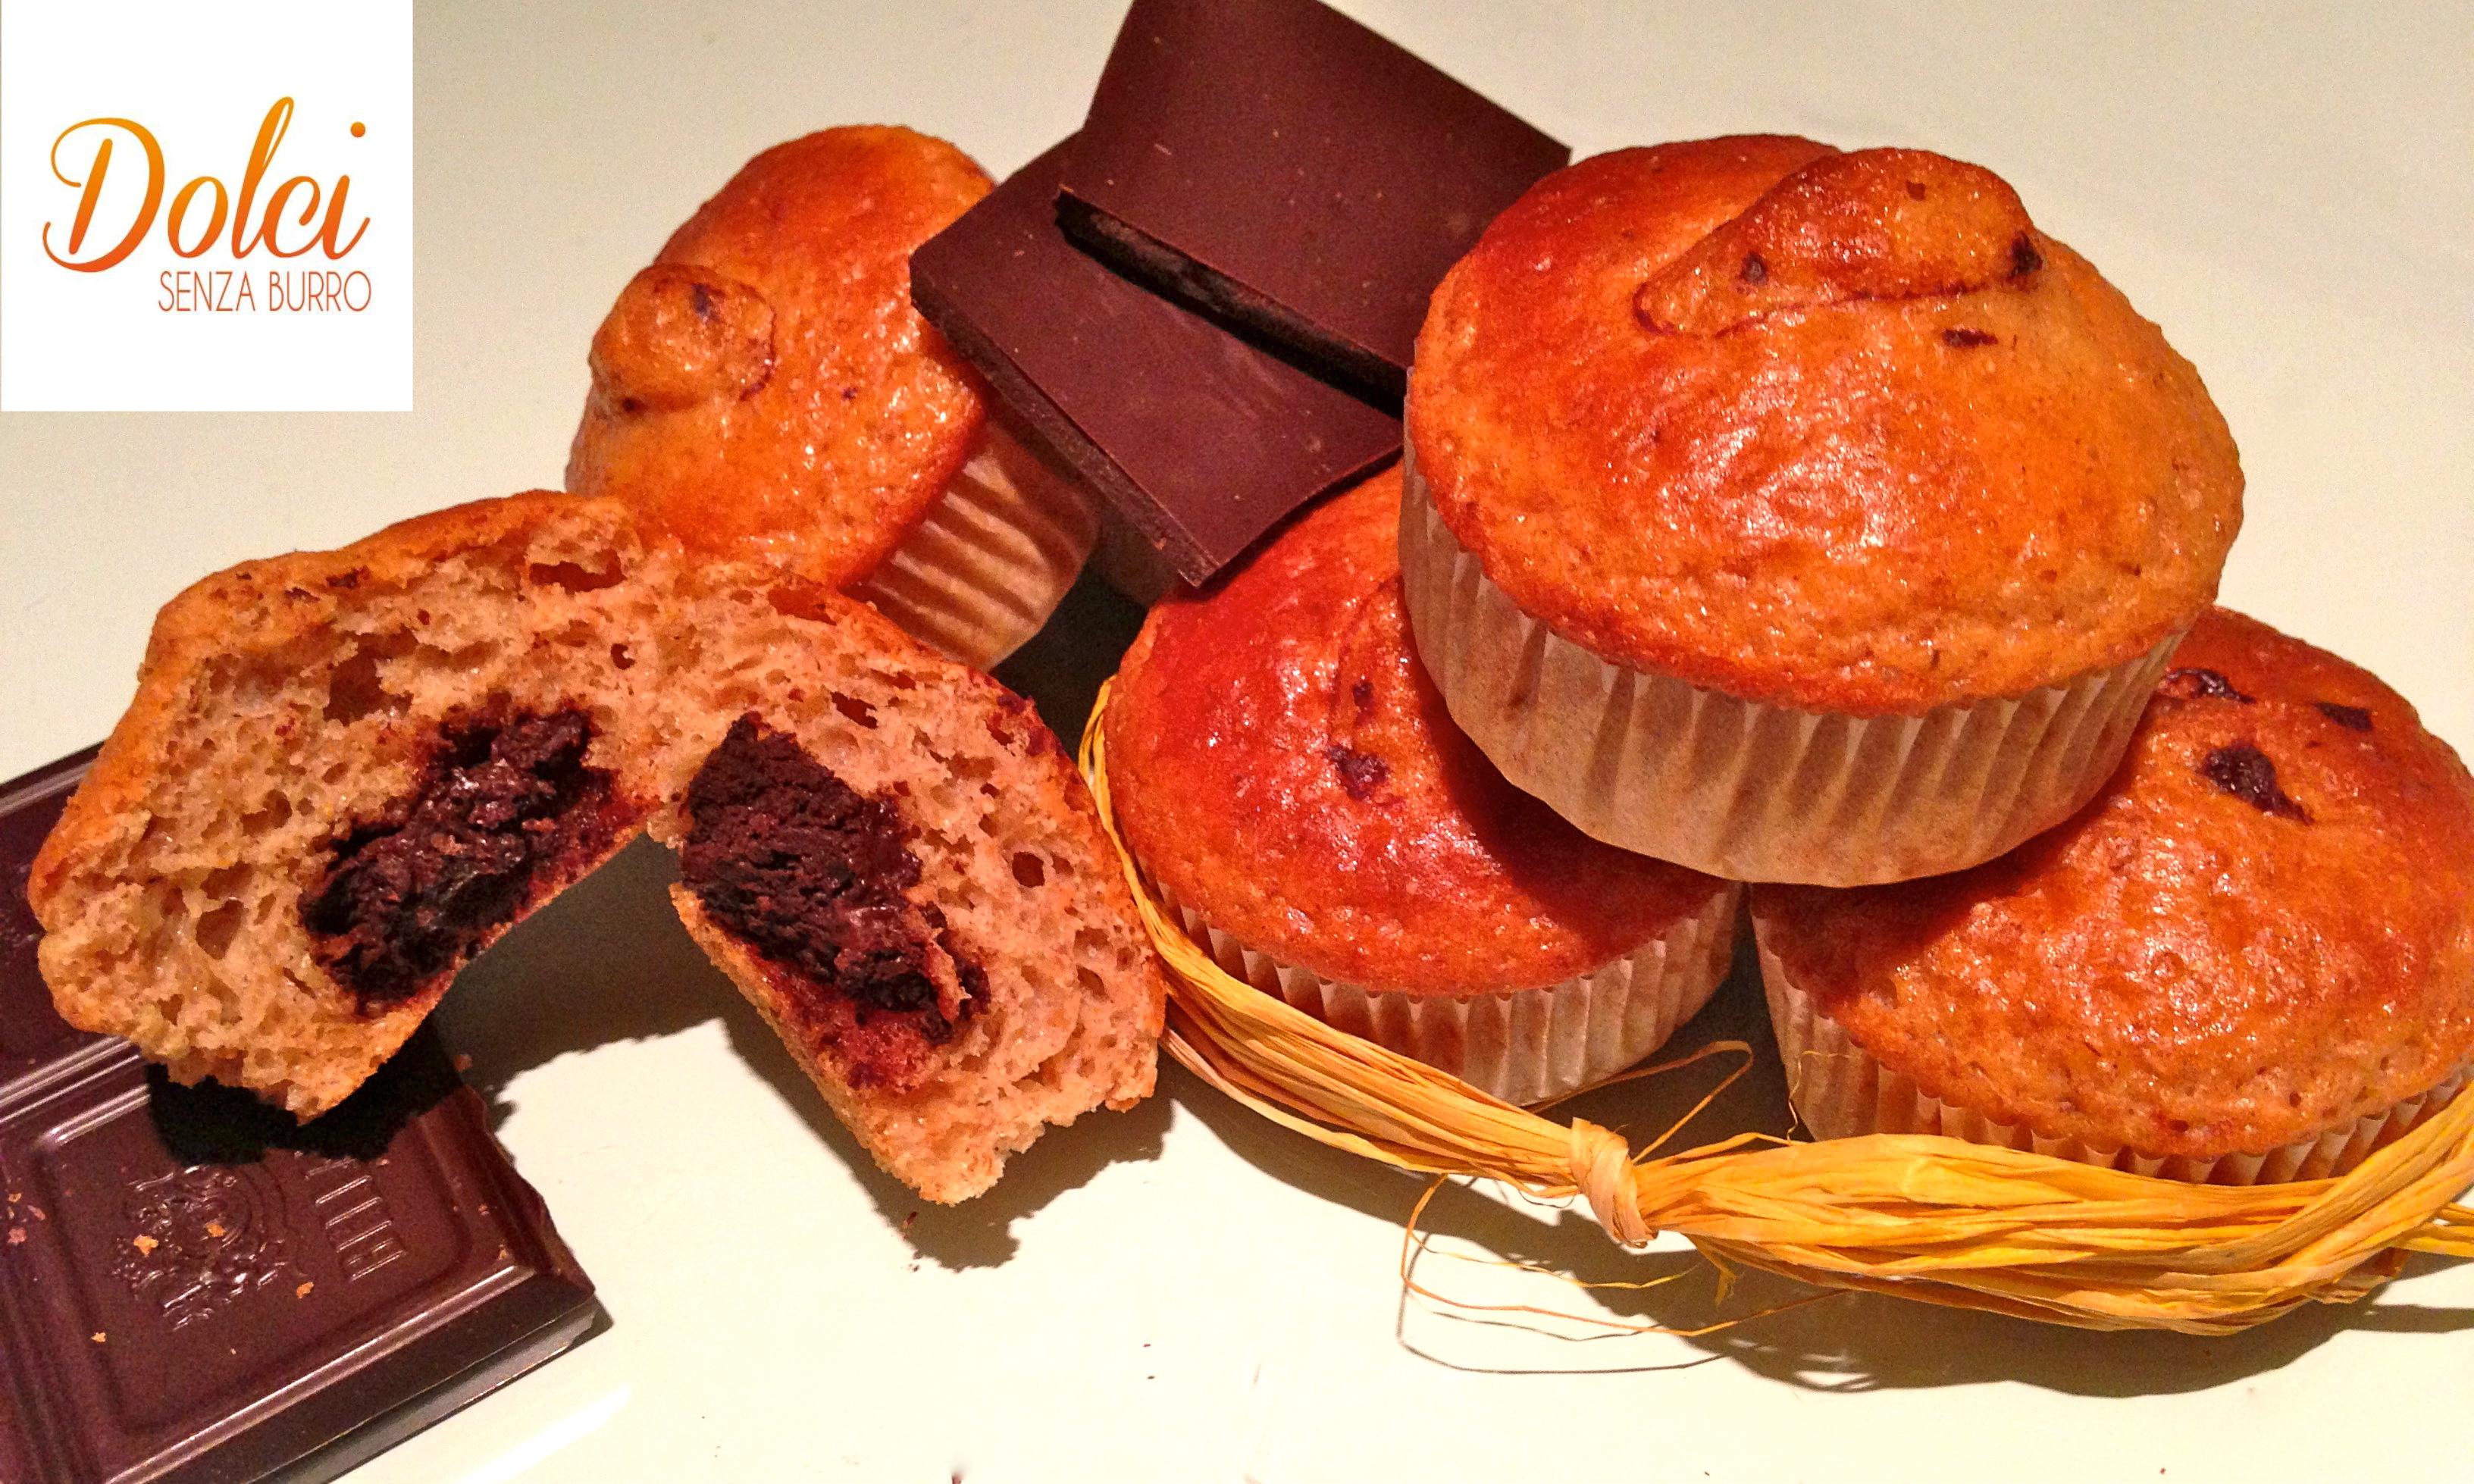 muffin senza burro con cuore al cioccolato, il muffin goloso di dolci senza burro